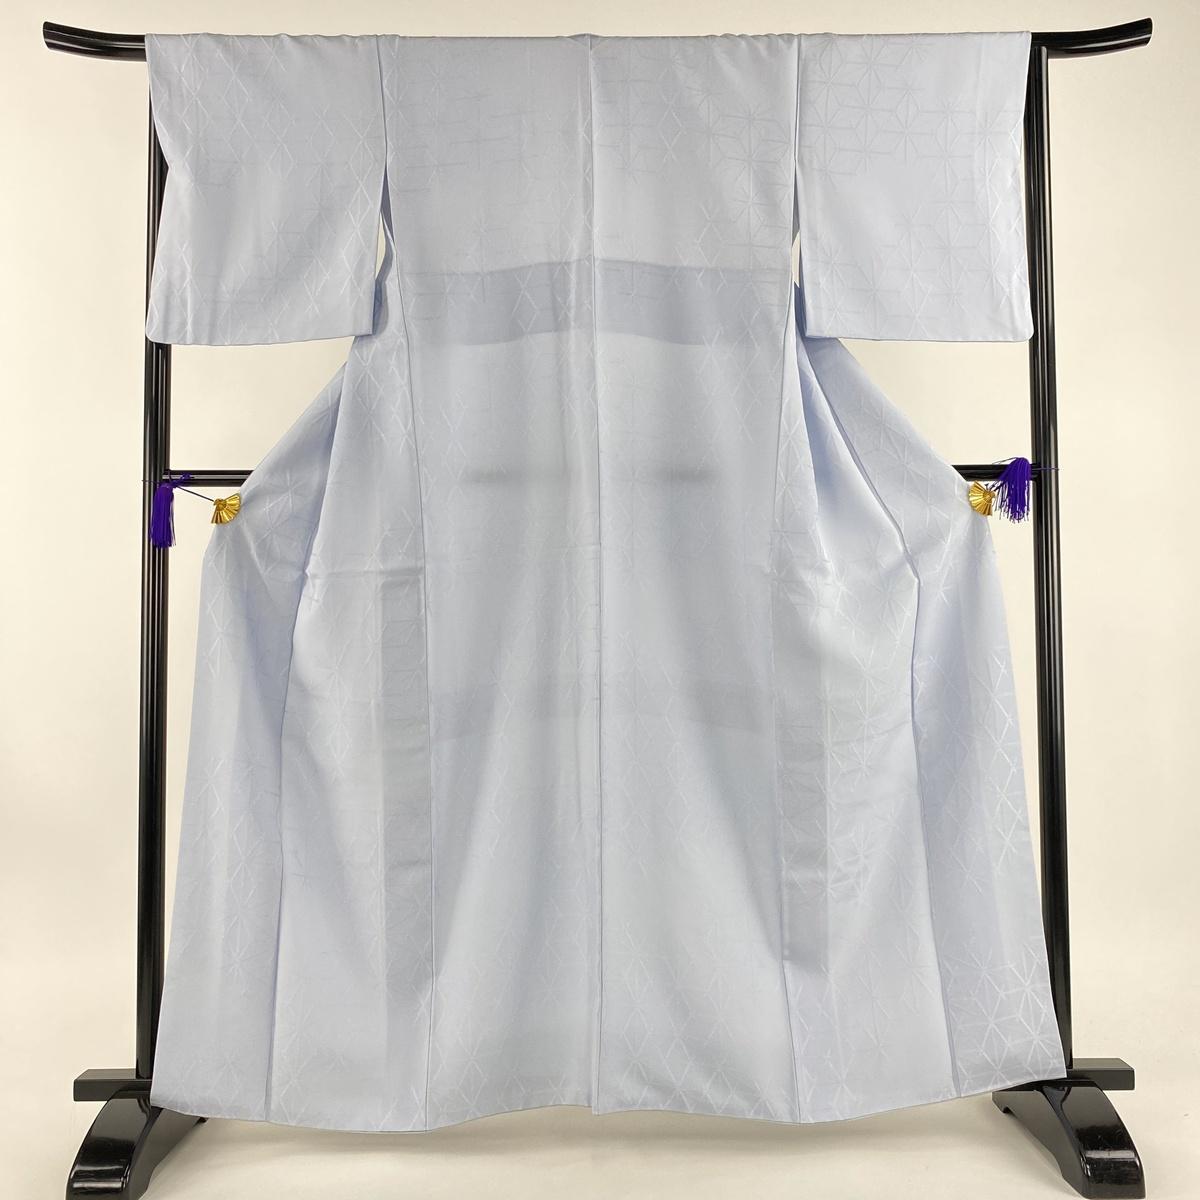 小紋 美品 名品 麻の葉 銀糸 水色 袷 身丈161.5cm 裄丈65.5cm M 正絹 【中古】